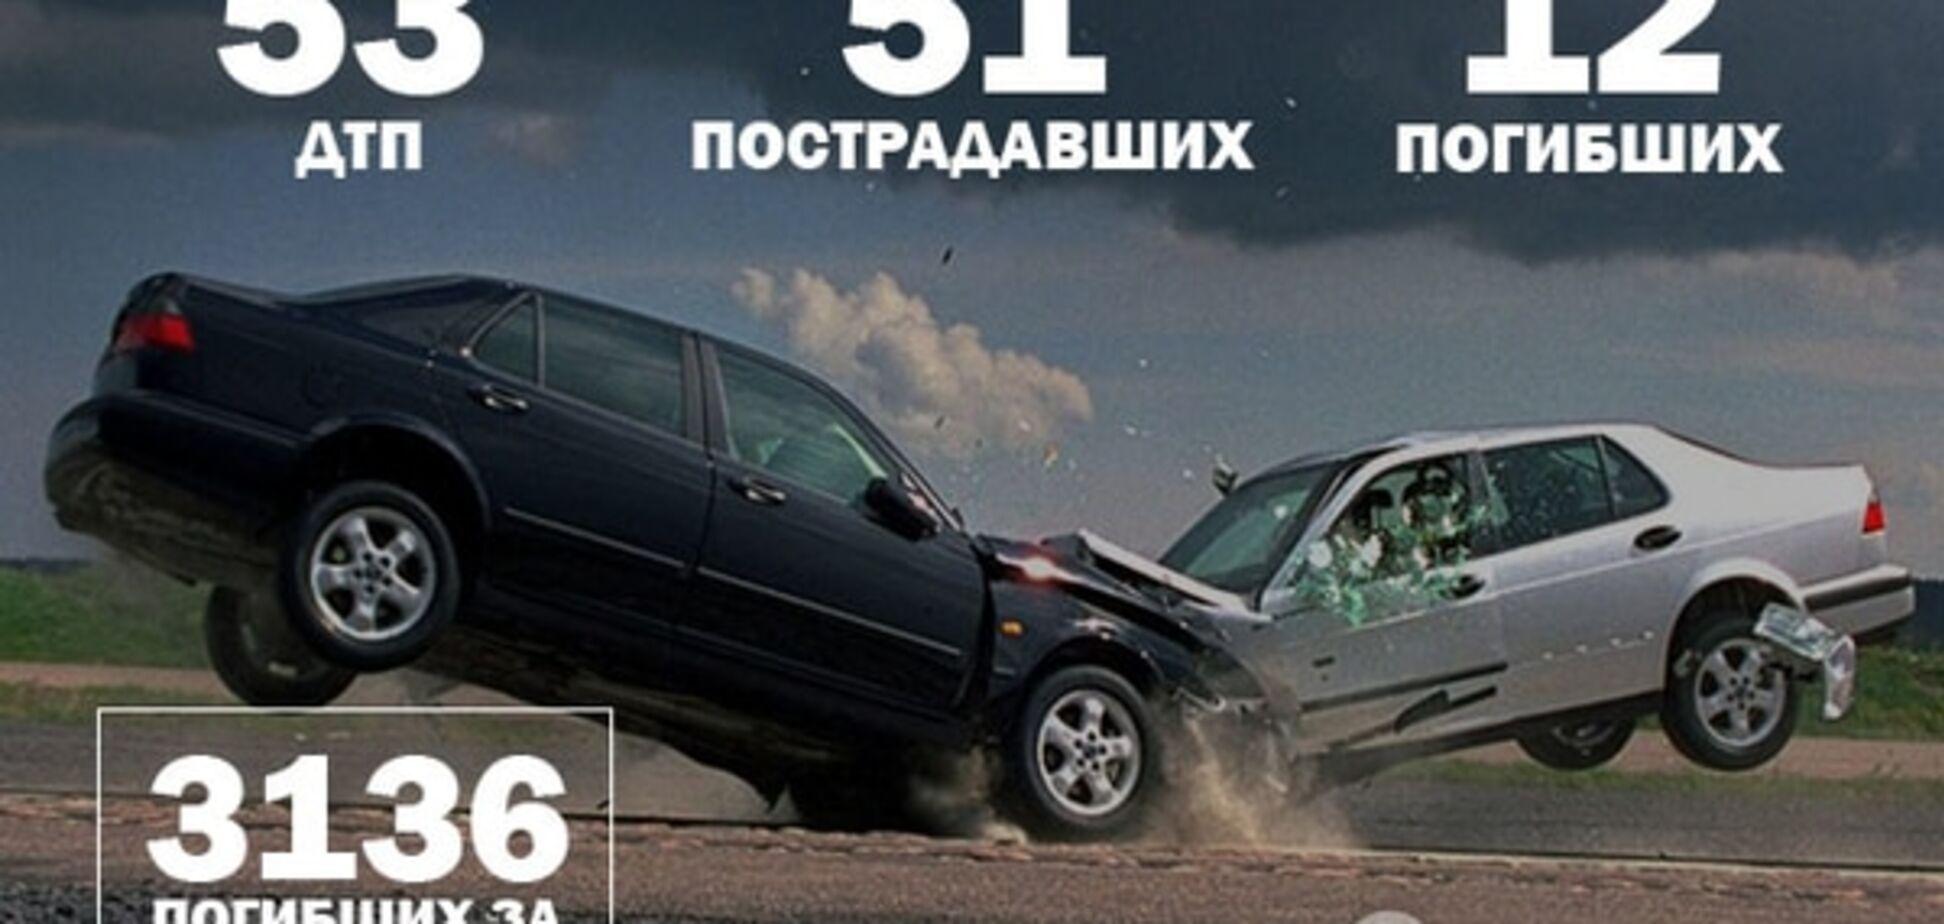 Війна на дорогах: 53 ДТП і 12 загиблих